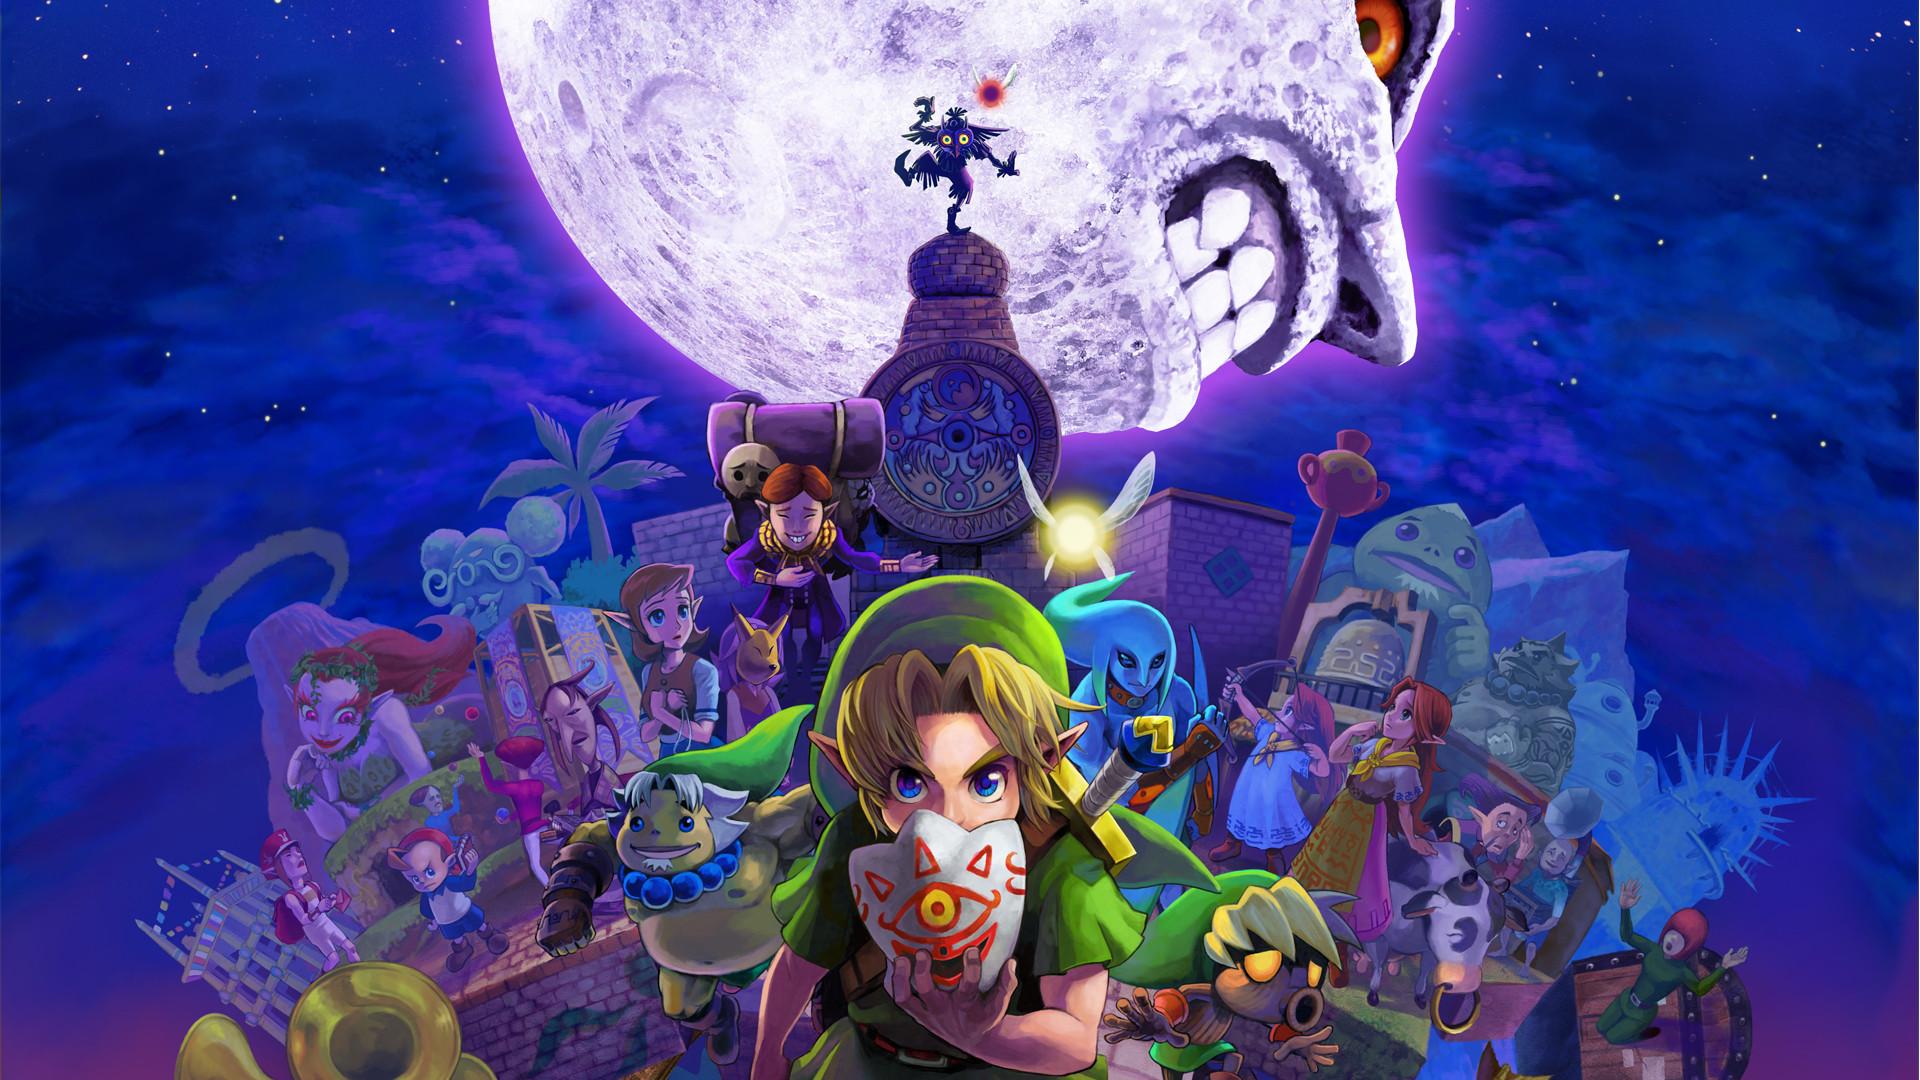 30 minutos del remake 3D de The Legend of Zelda: Majora's Mask